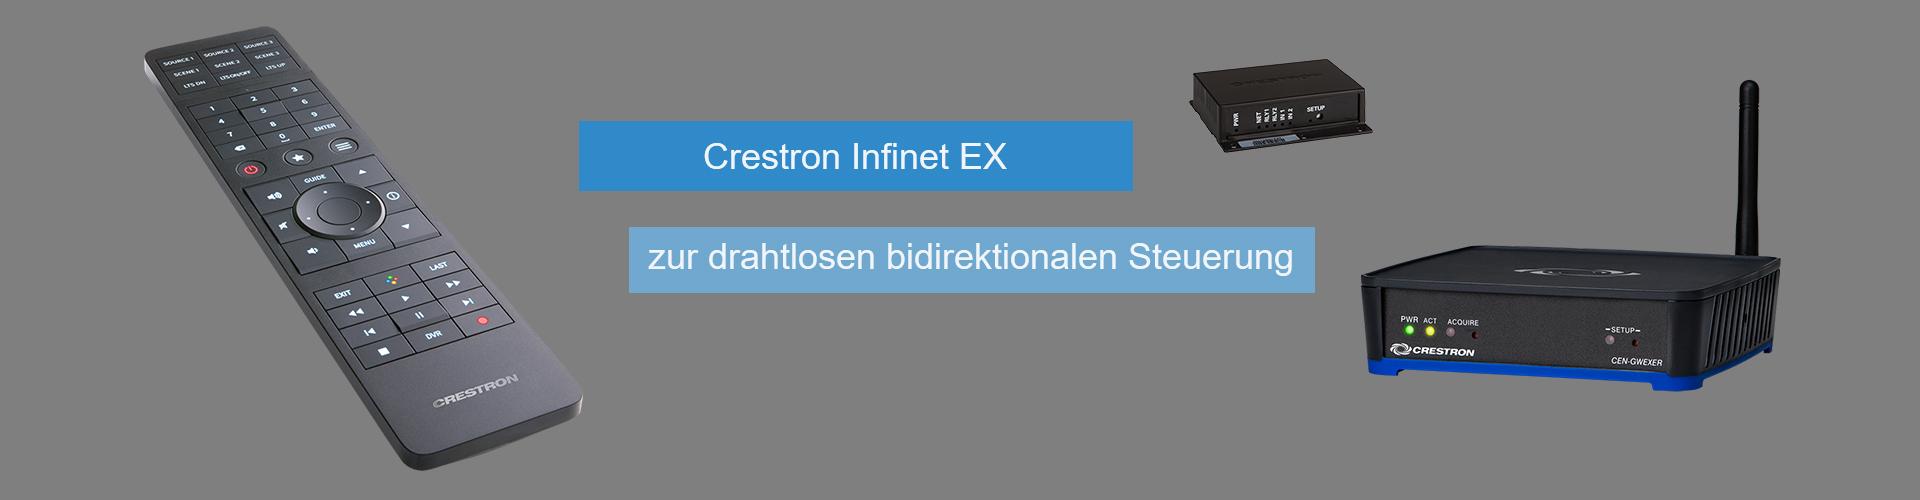 Crestron Infinet EX